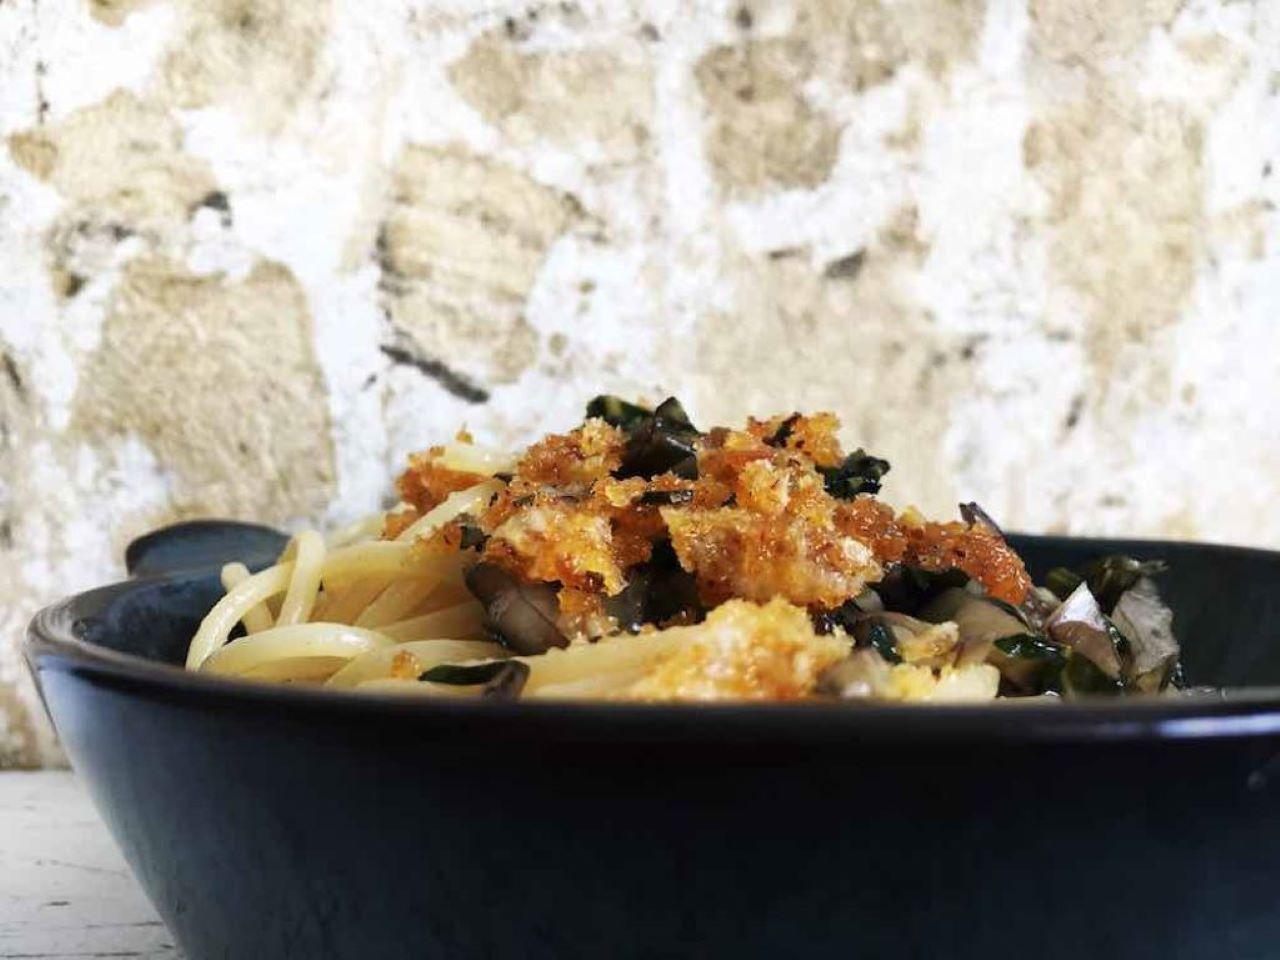 Spaghetti mit Mangold und Bröseln aus Parmesan, Rosmarin, Knoblauch und Piment D'Espelette. Vegetarisch